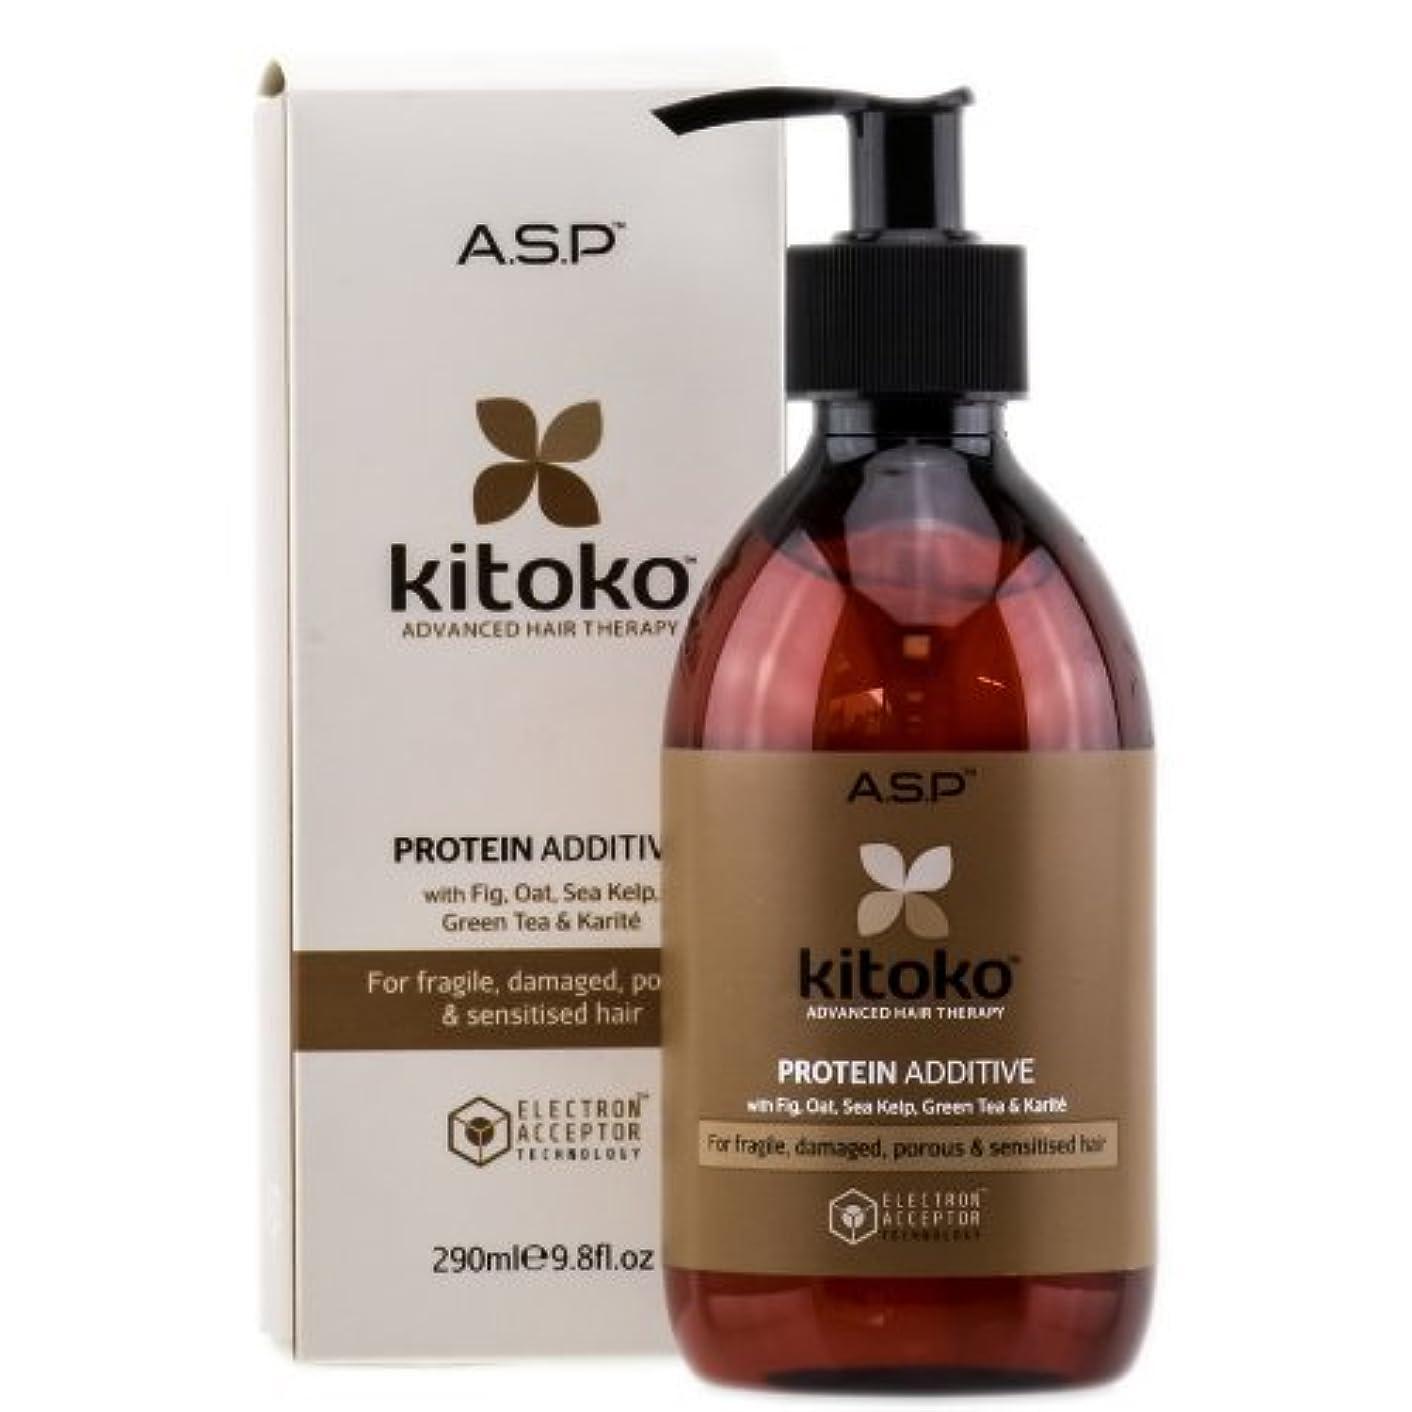 びっくりソーダ水石灰岩Affinage Salon Professional ASP Kitokoアドバンストヘアーセラピー - タンパク質の添加剤 - 9.8オンス